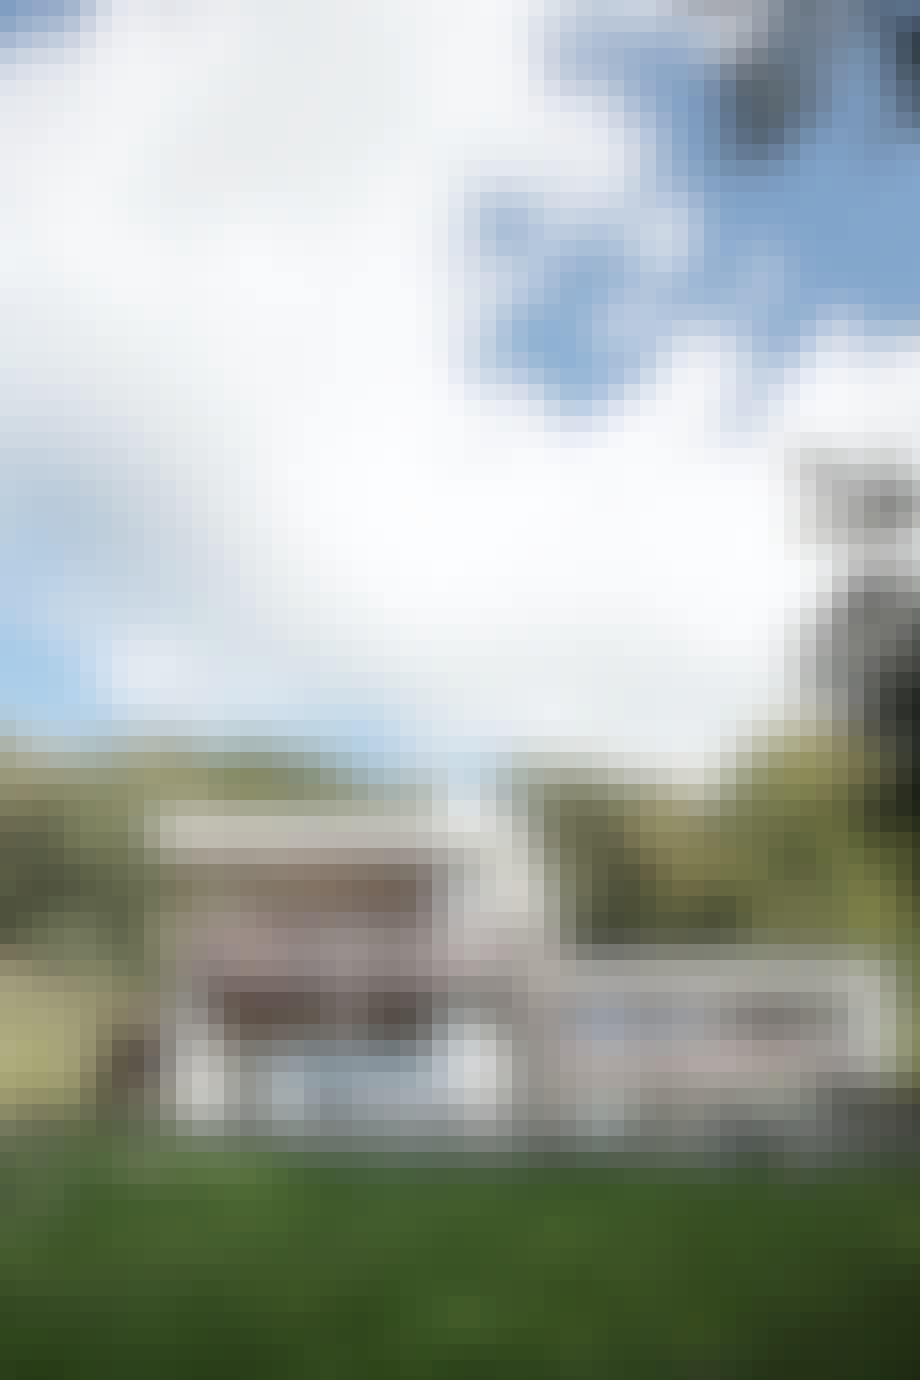 Hvidt 70'er hus i to etager bakketop Vedbæk